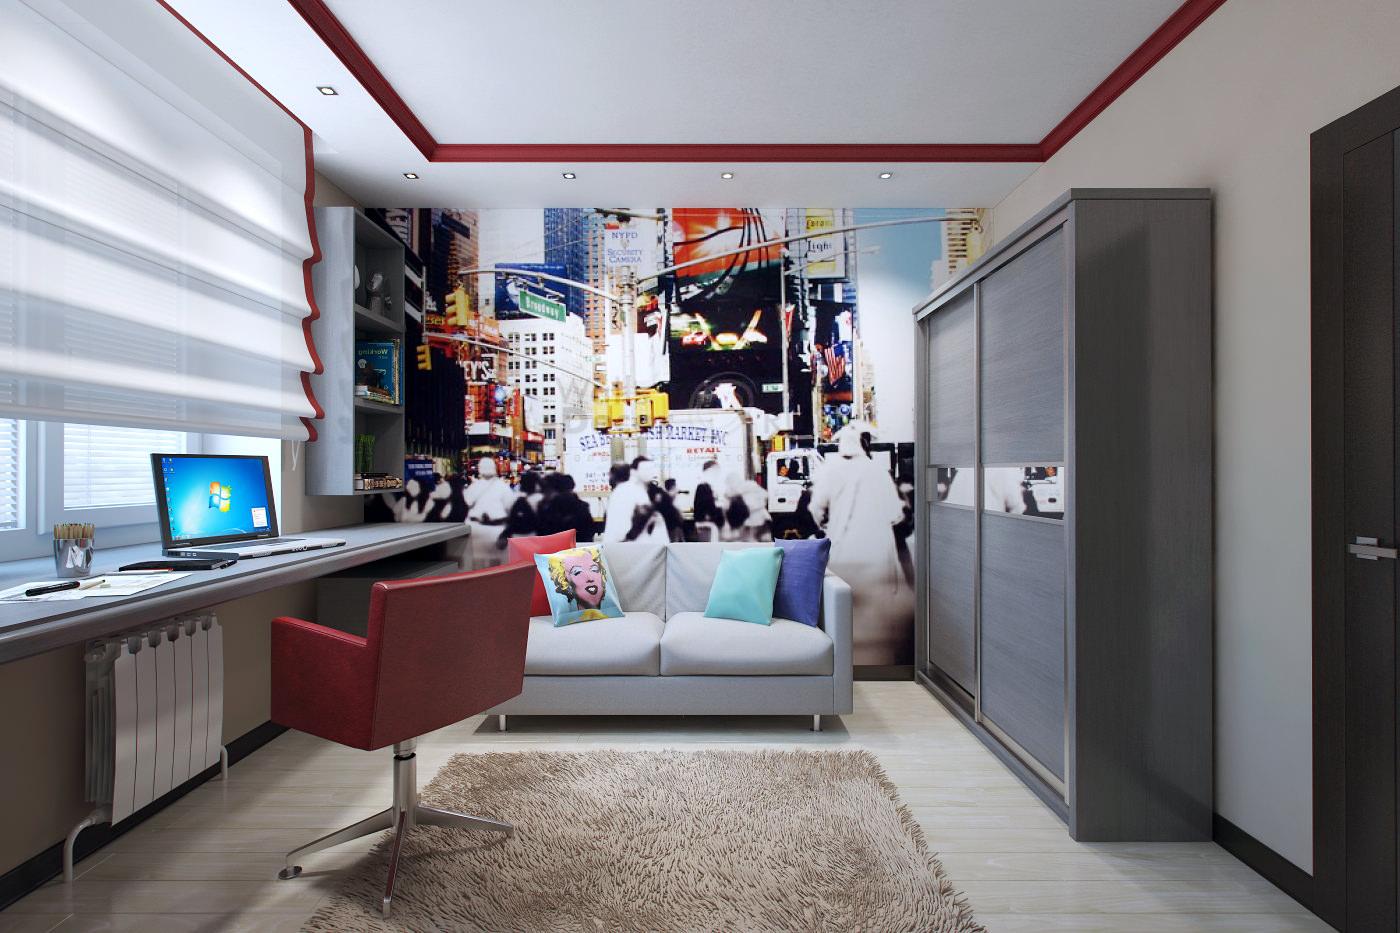 Фотообои на стене в комнате подростка